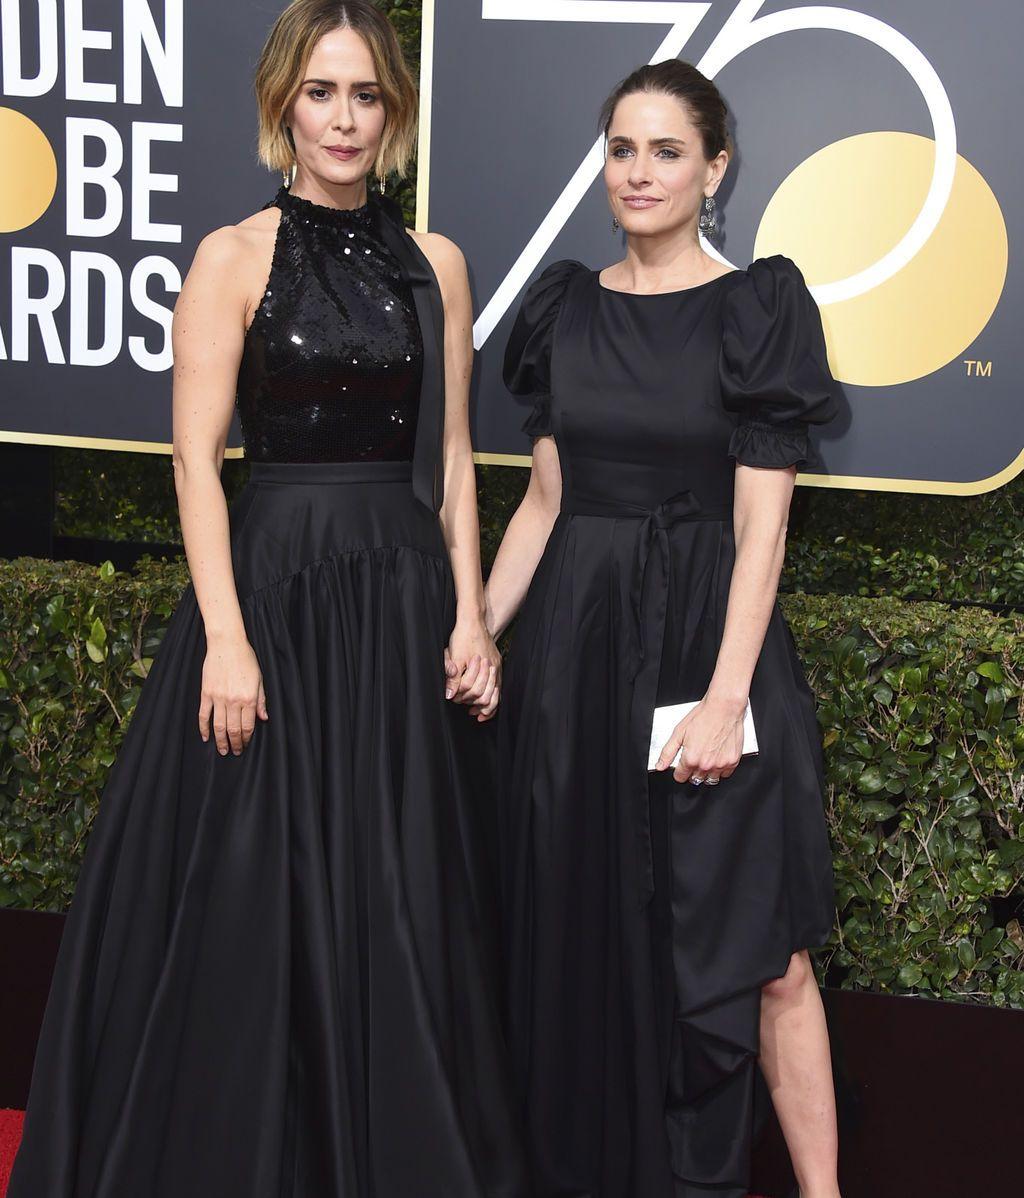 La alfombra 'negra' de los Globos de Oro contra el abuso sexual, foto a foto